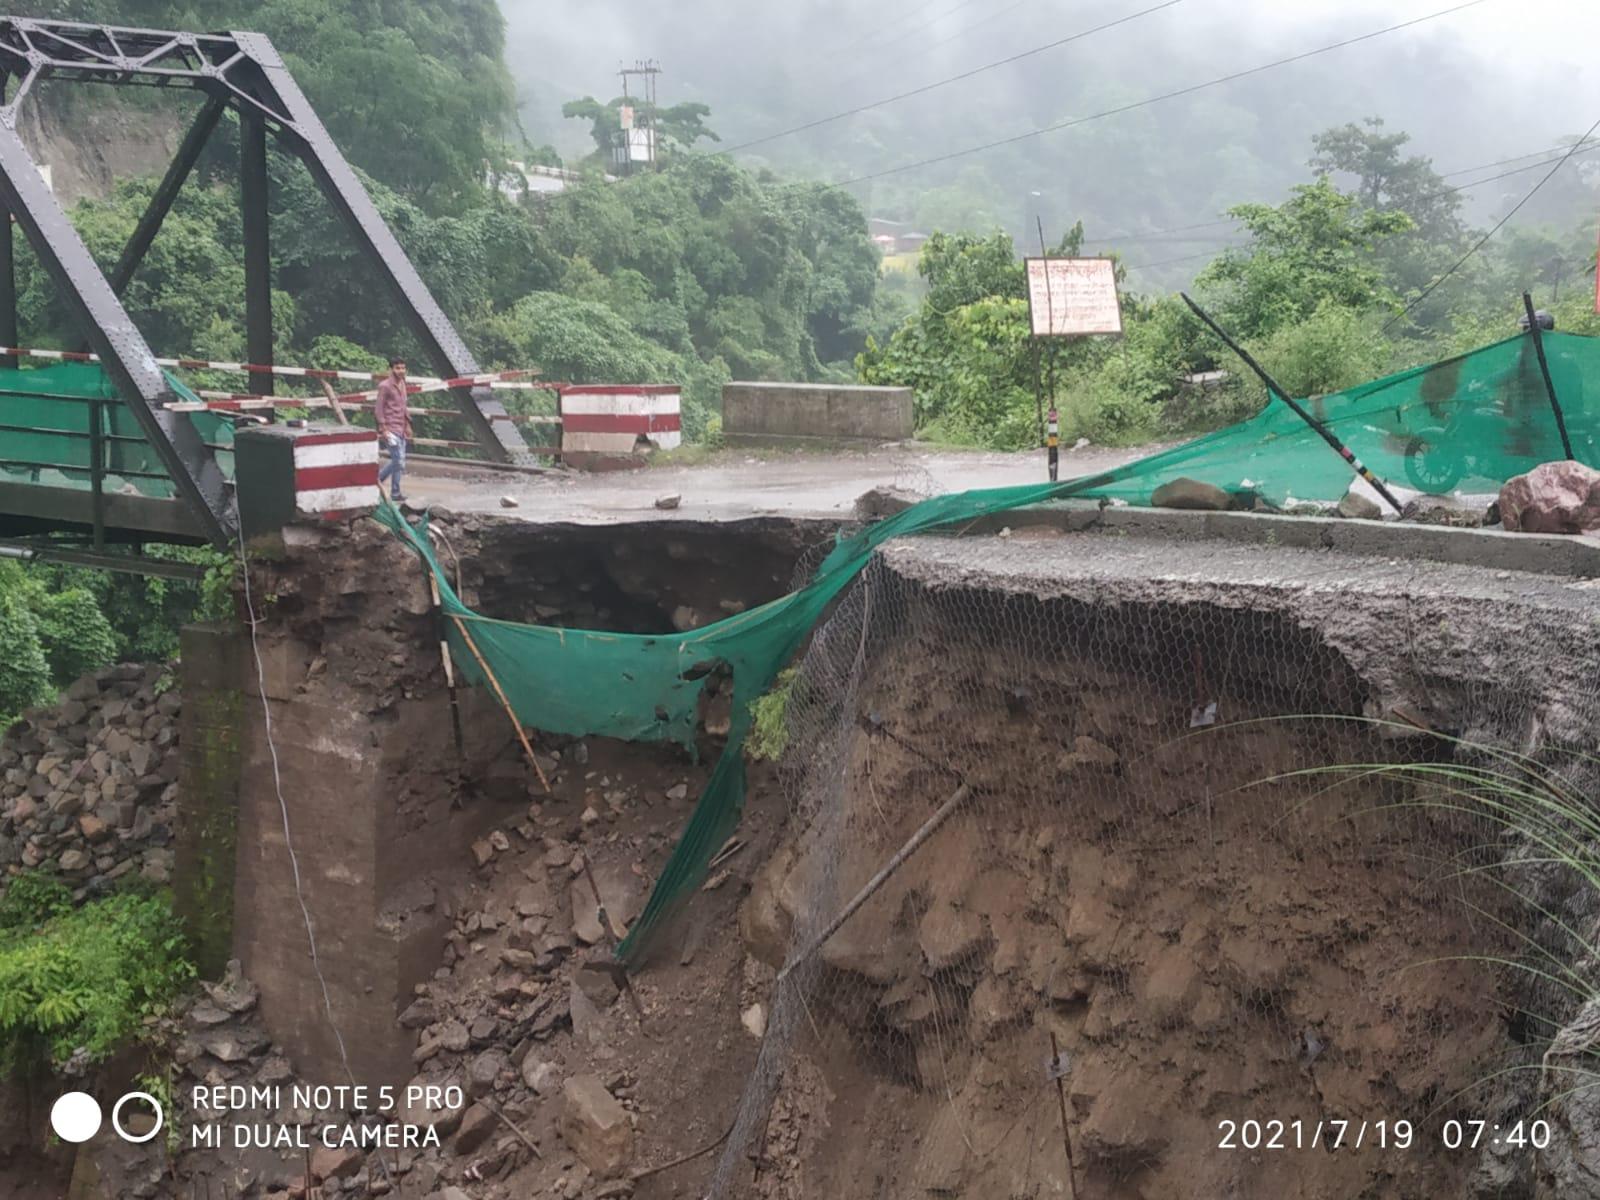 भारी बारिश से रानीबाग पुल की सड़क क्षतिग्रस्त आवाजाही पूर्ण रूप से बंद